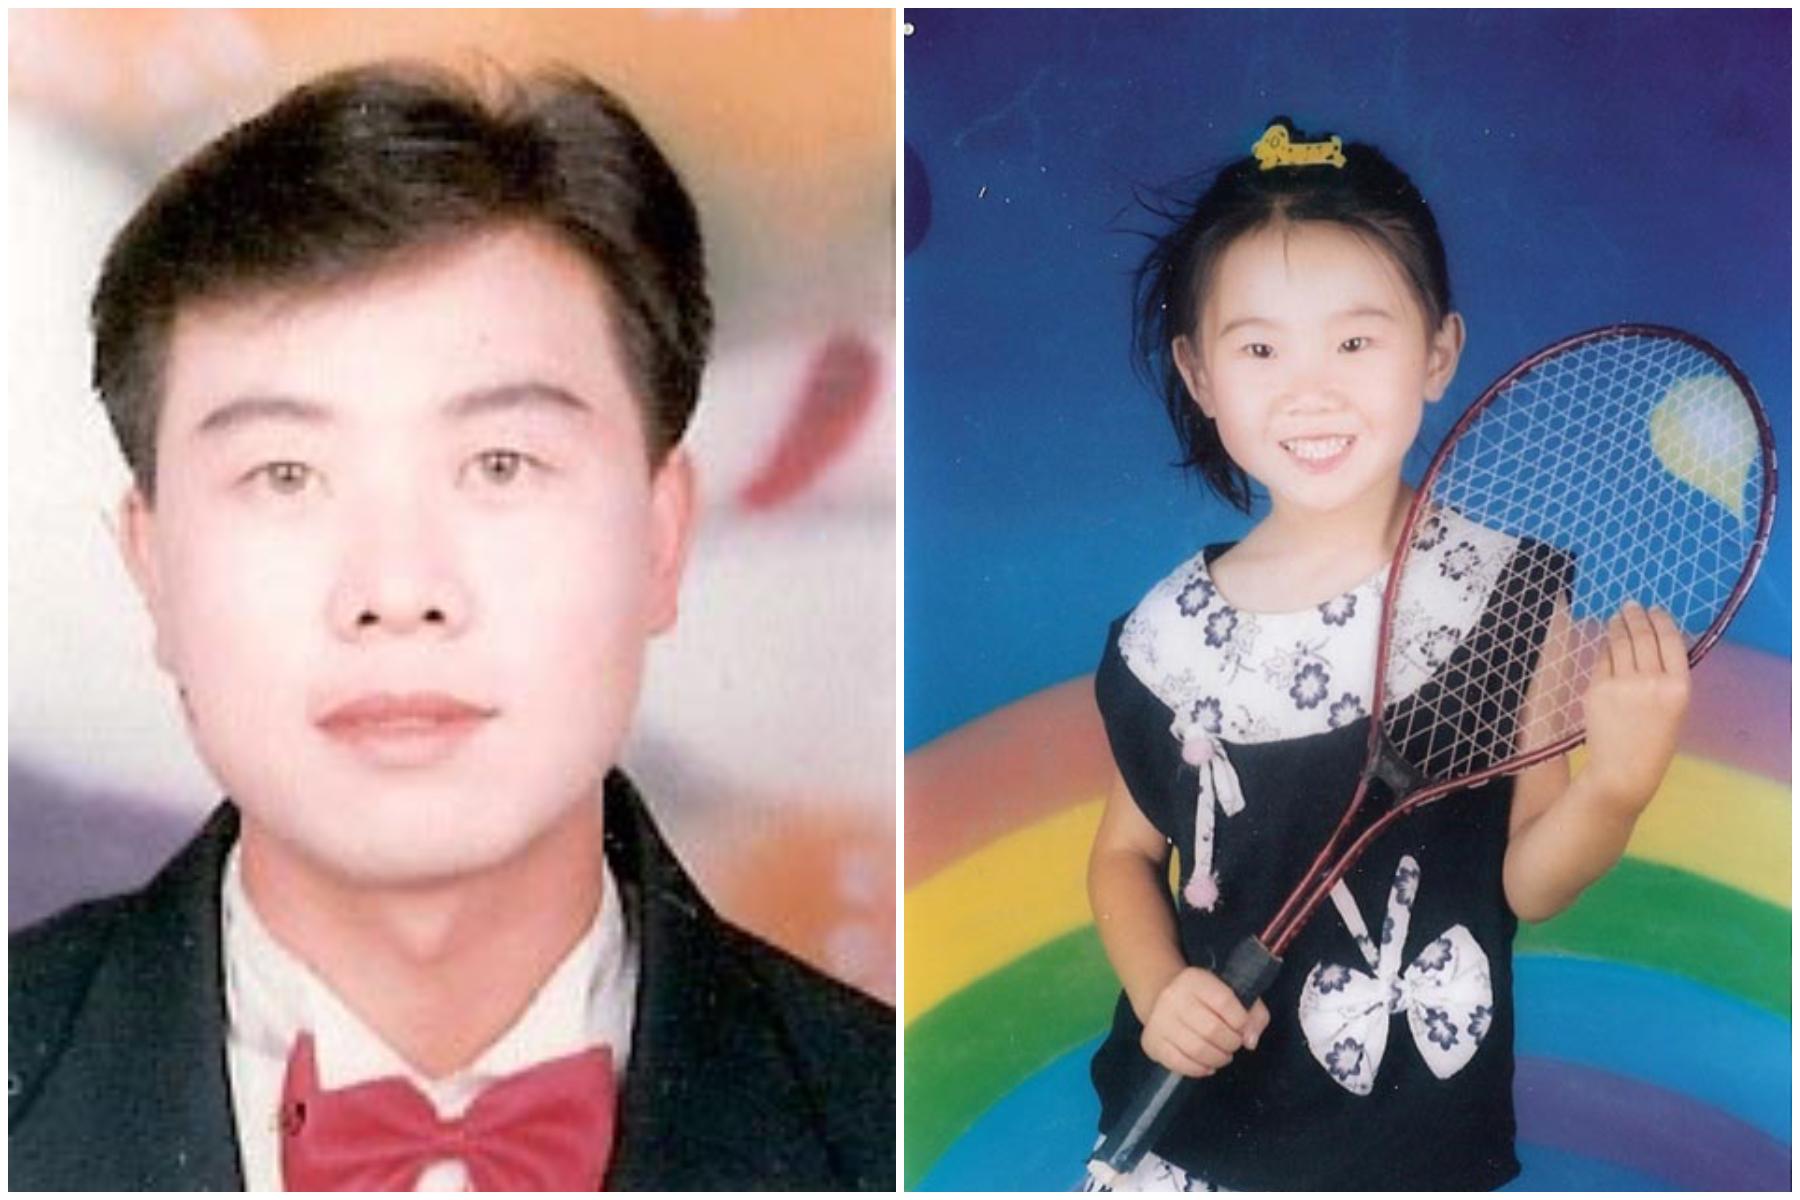 法輪功學員宮鳳強和時年7歲的女兒宮宇 。(明慧網)